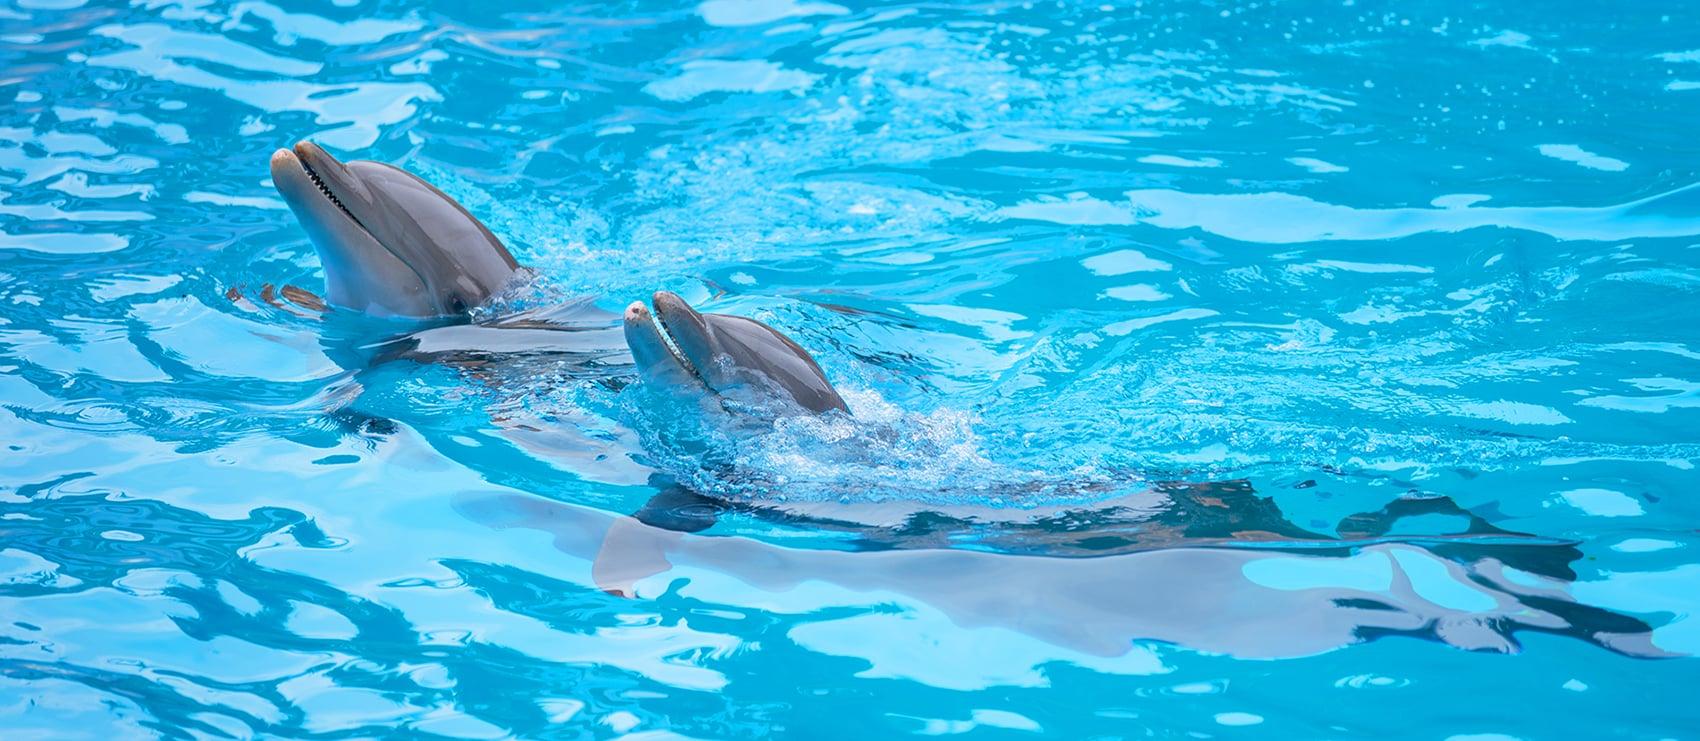 traitement de l'eau des parcs zoologiques